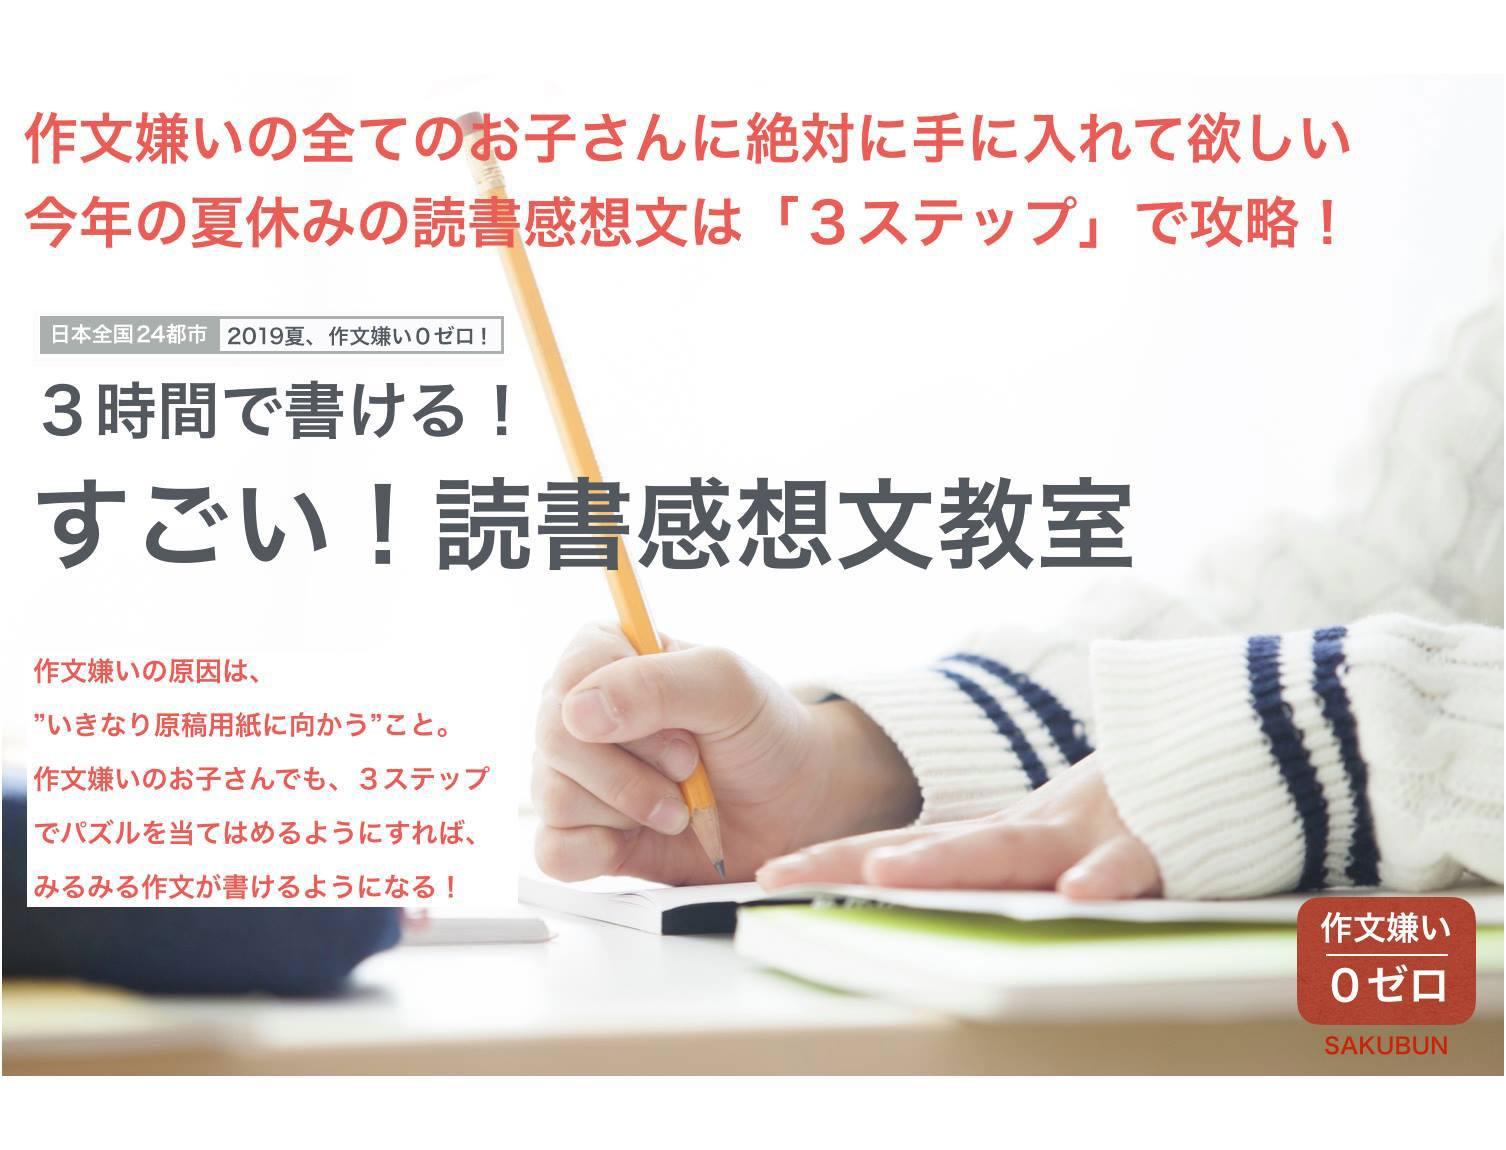 香川/徳島/神戸 2019年夏【すごい!読書感想文教室】開講します